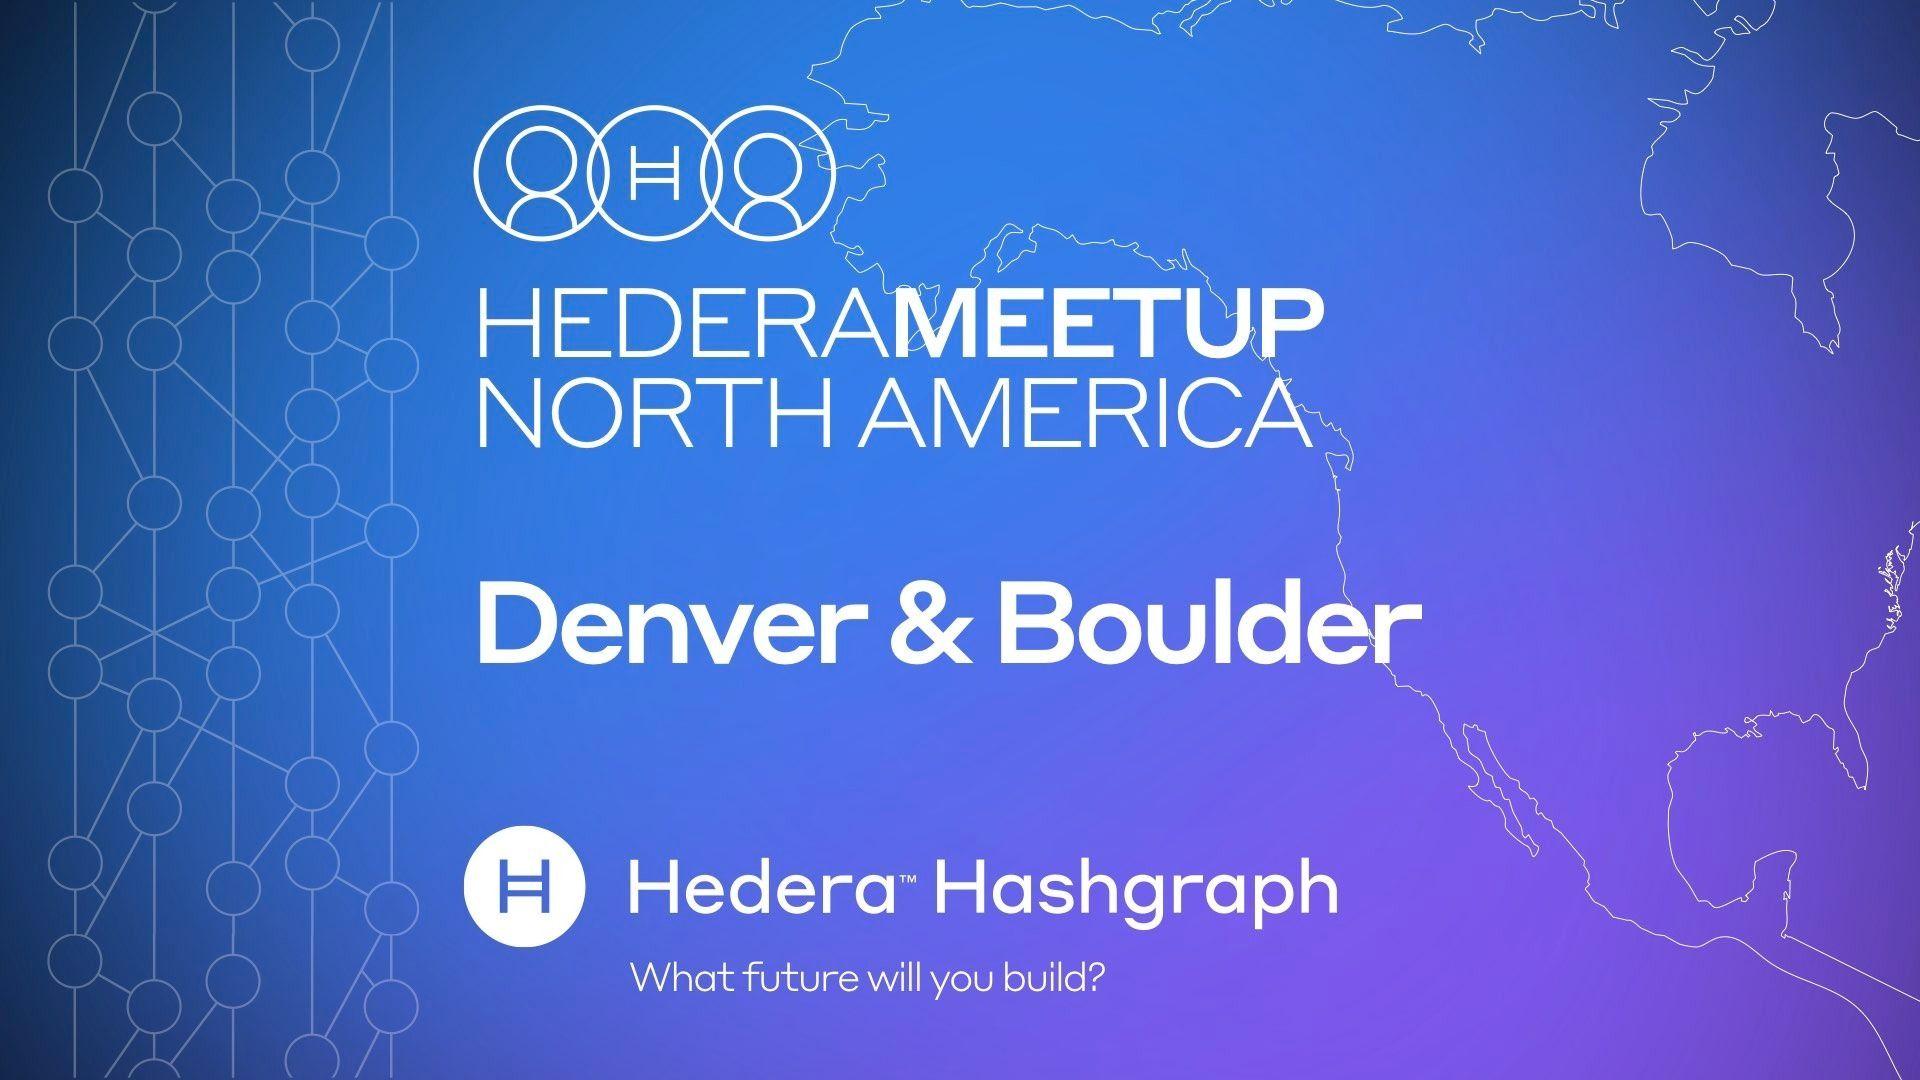 Hedera Hashgraph - Denver & Boulder